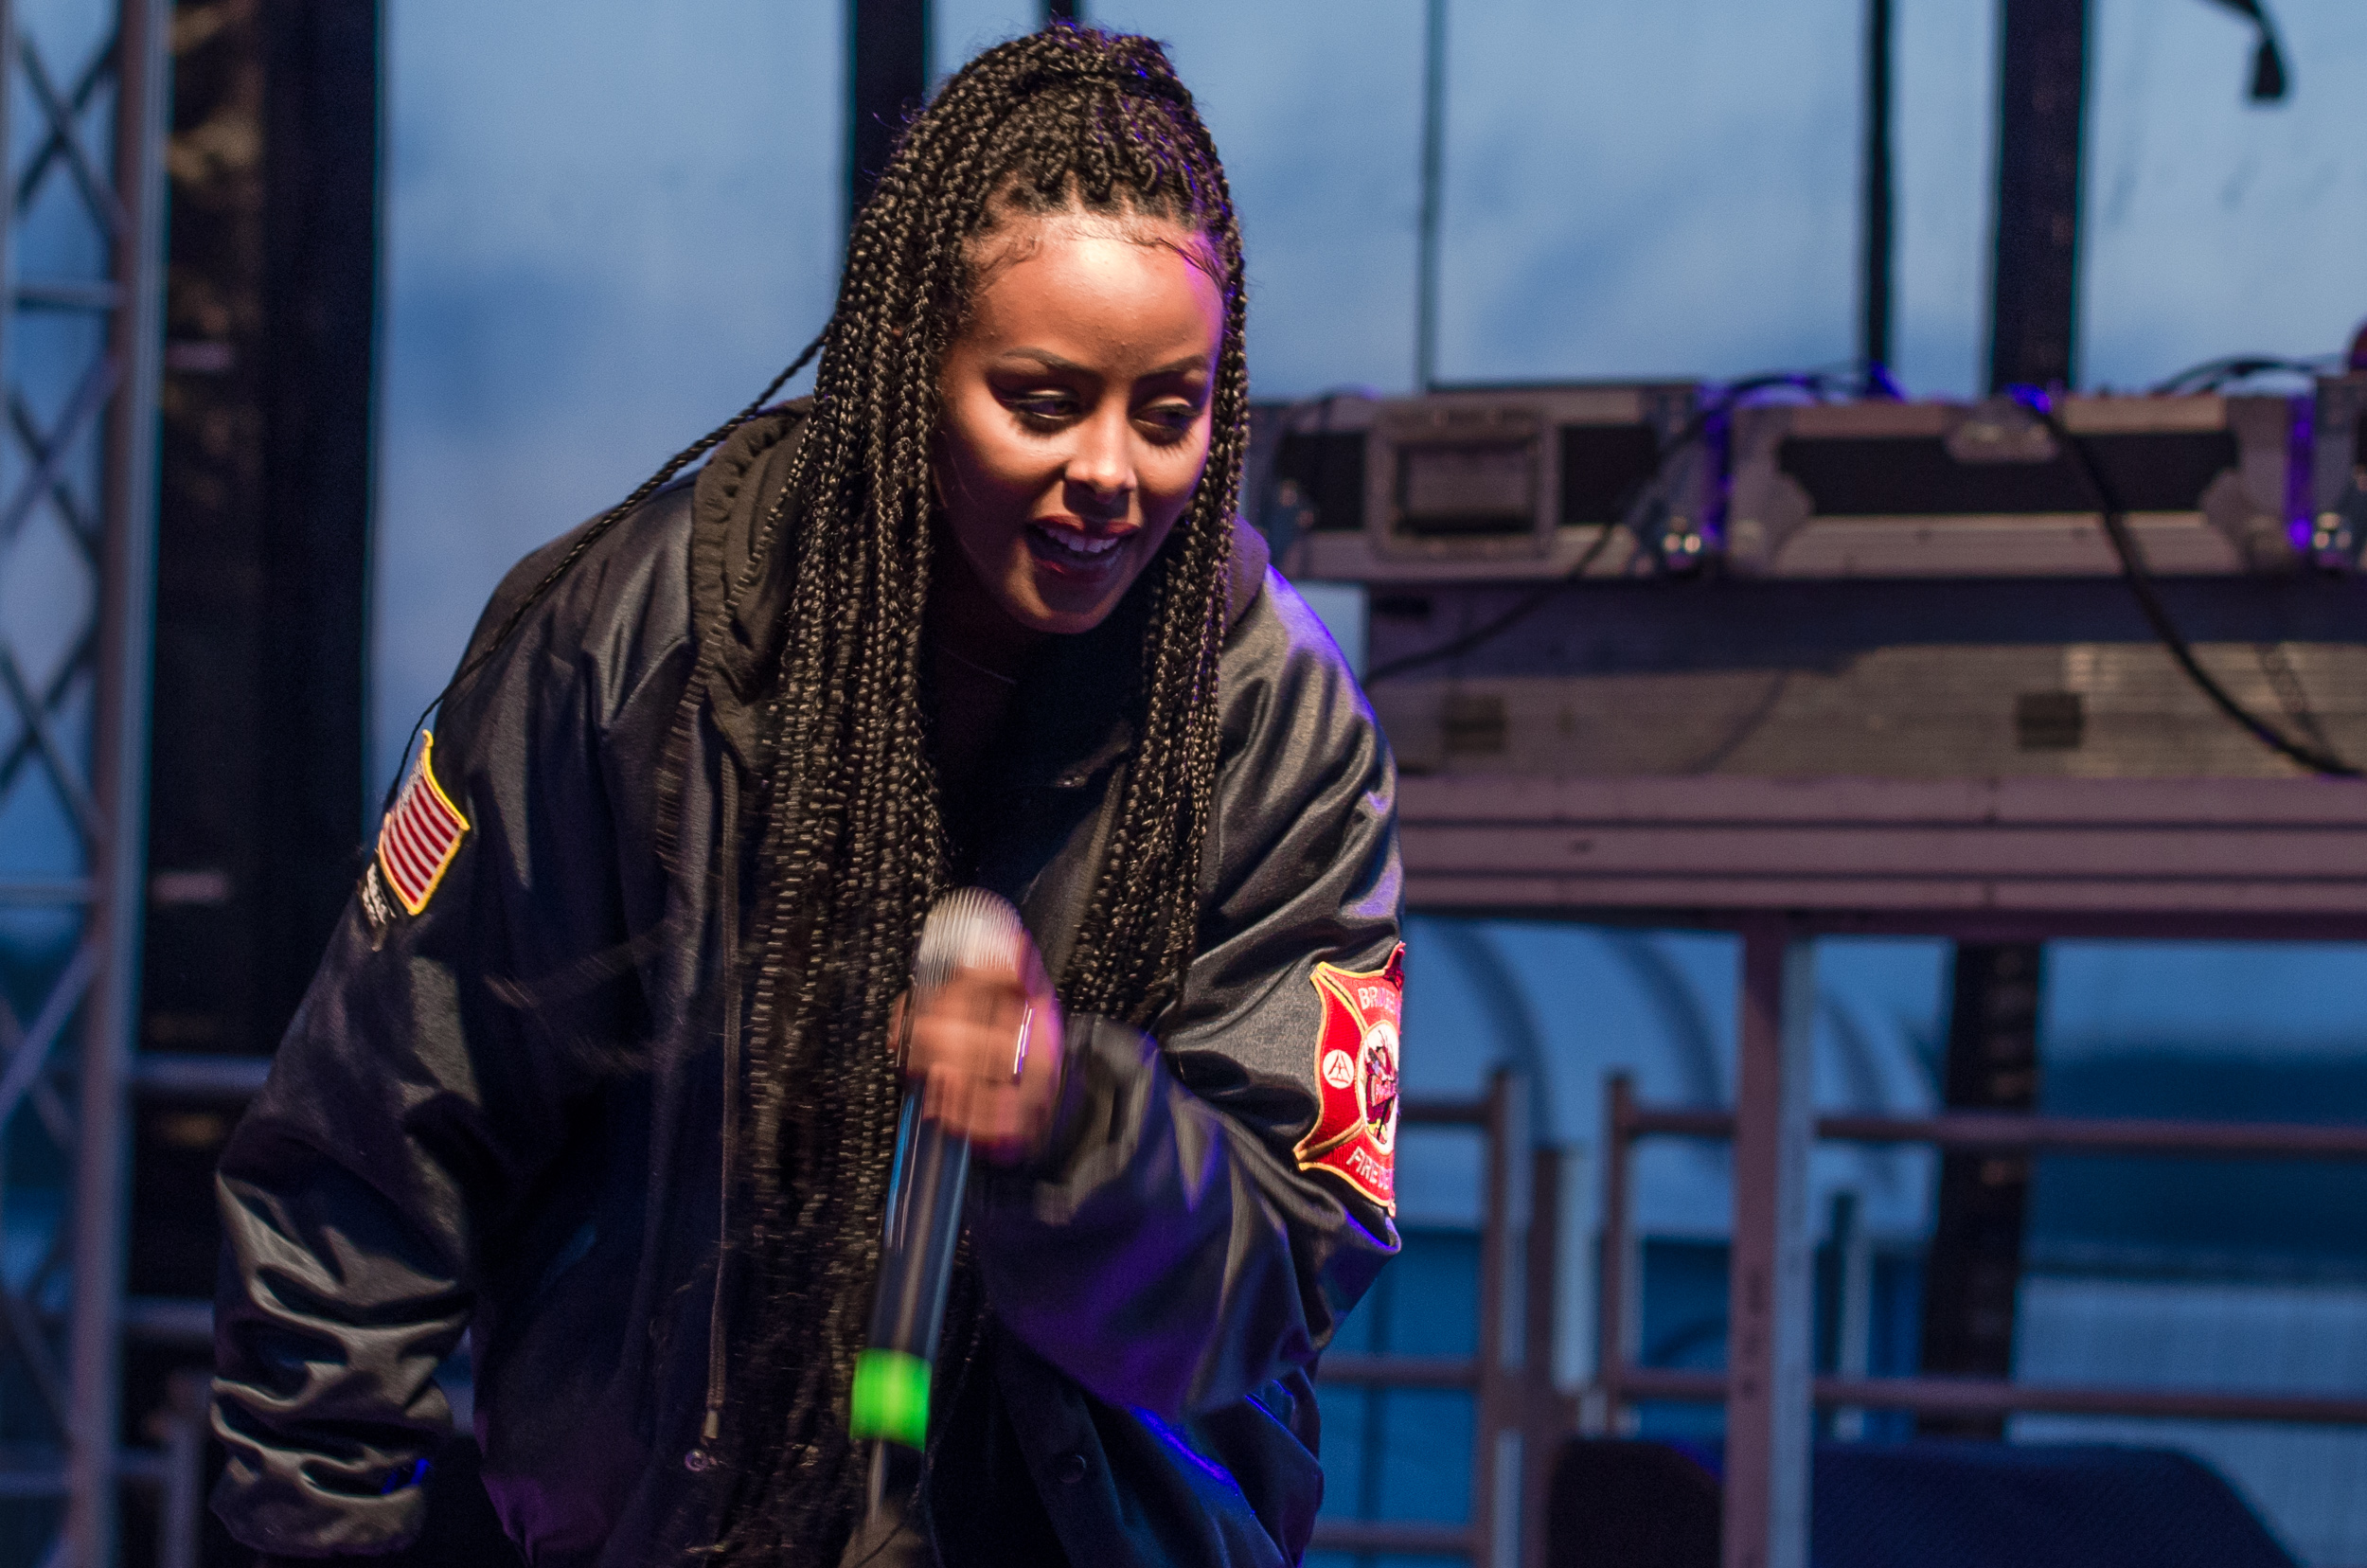 Cherrie på Musikens Makt i Luleå 2016